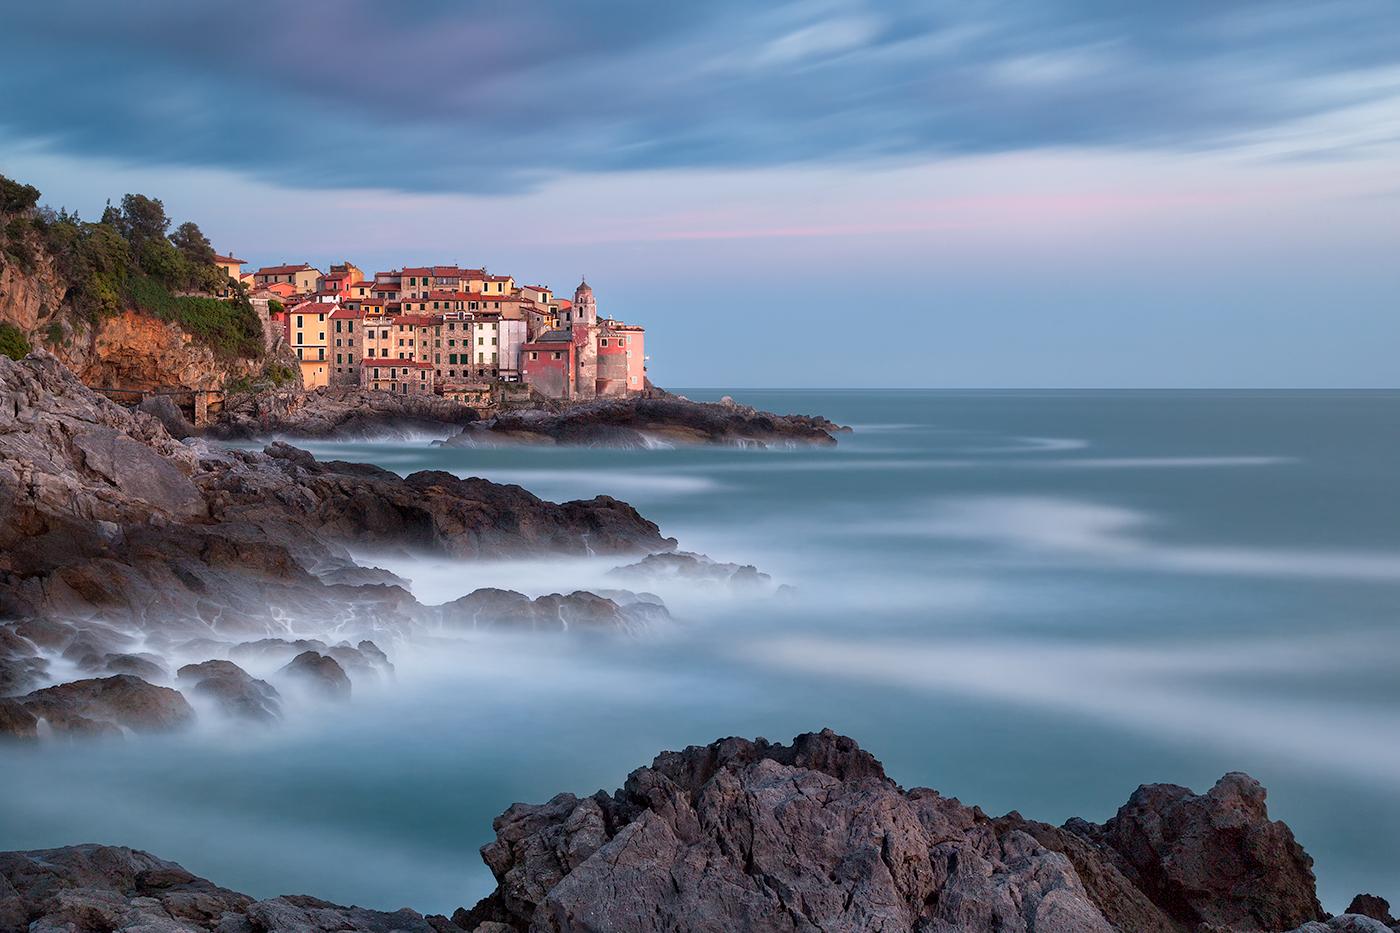 Marco De Maio Landscape Photographer